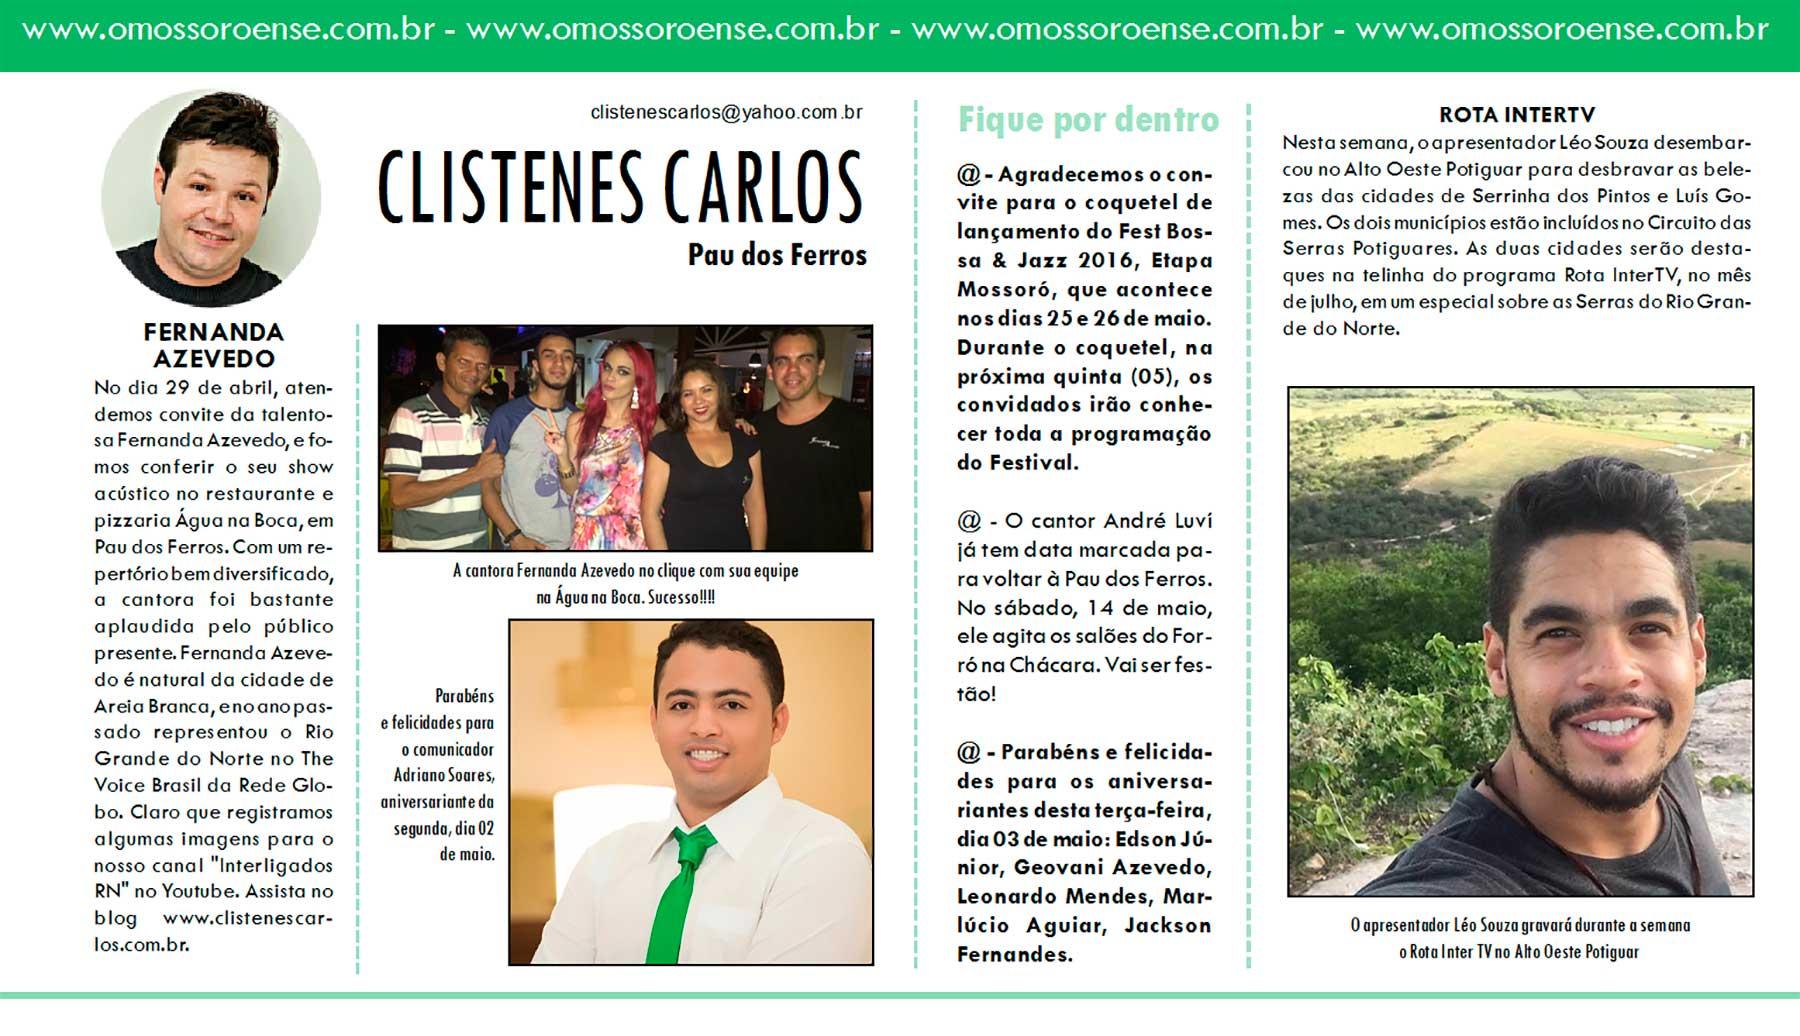 CLISTENES-CARLOS-04-05-2016